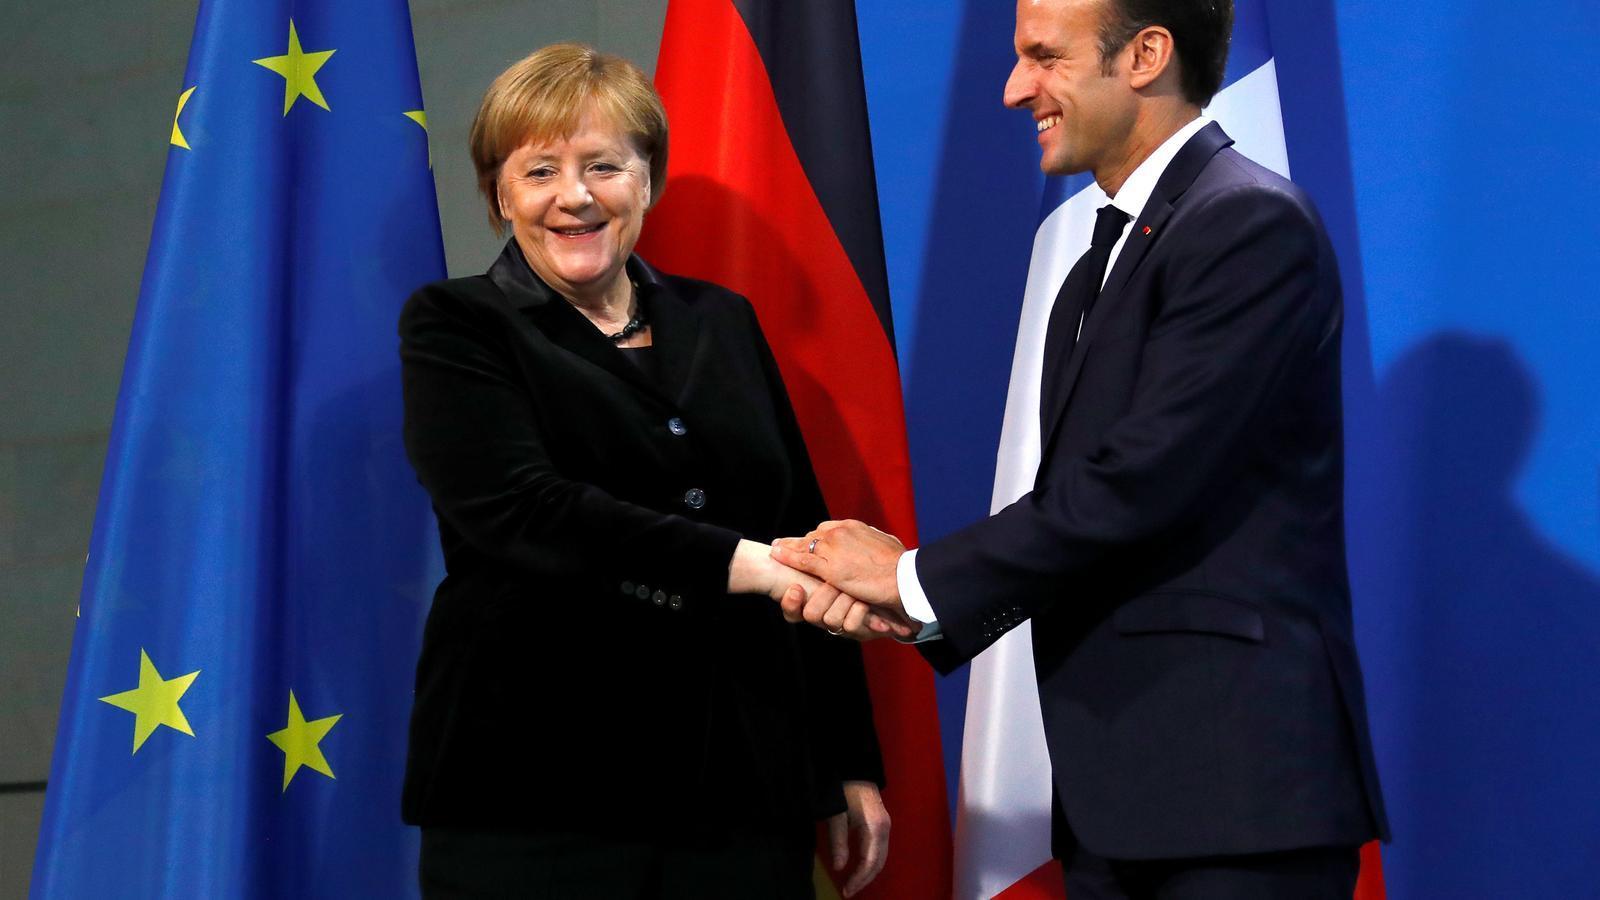 La cancellera alemanya, Angela Merkel, i el president francès, Emmanuel Macron, a Berlín.